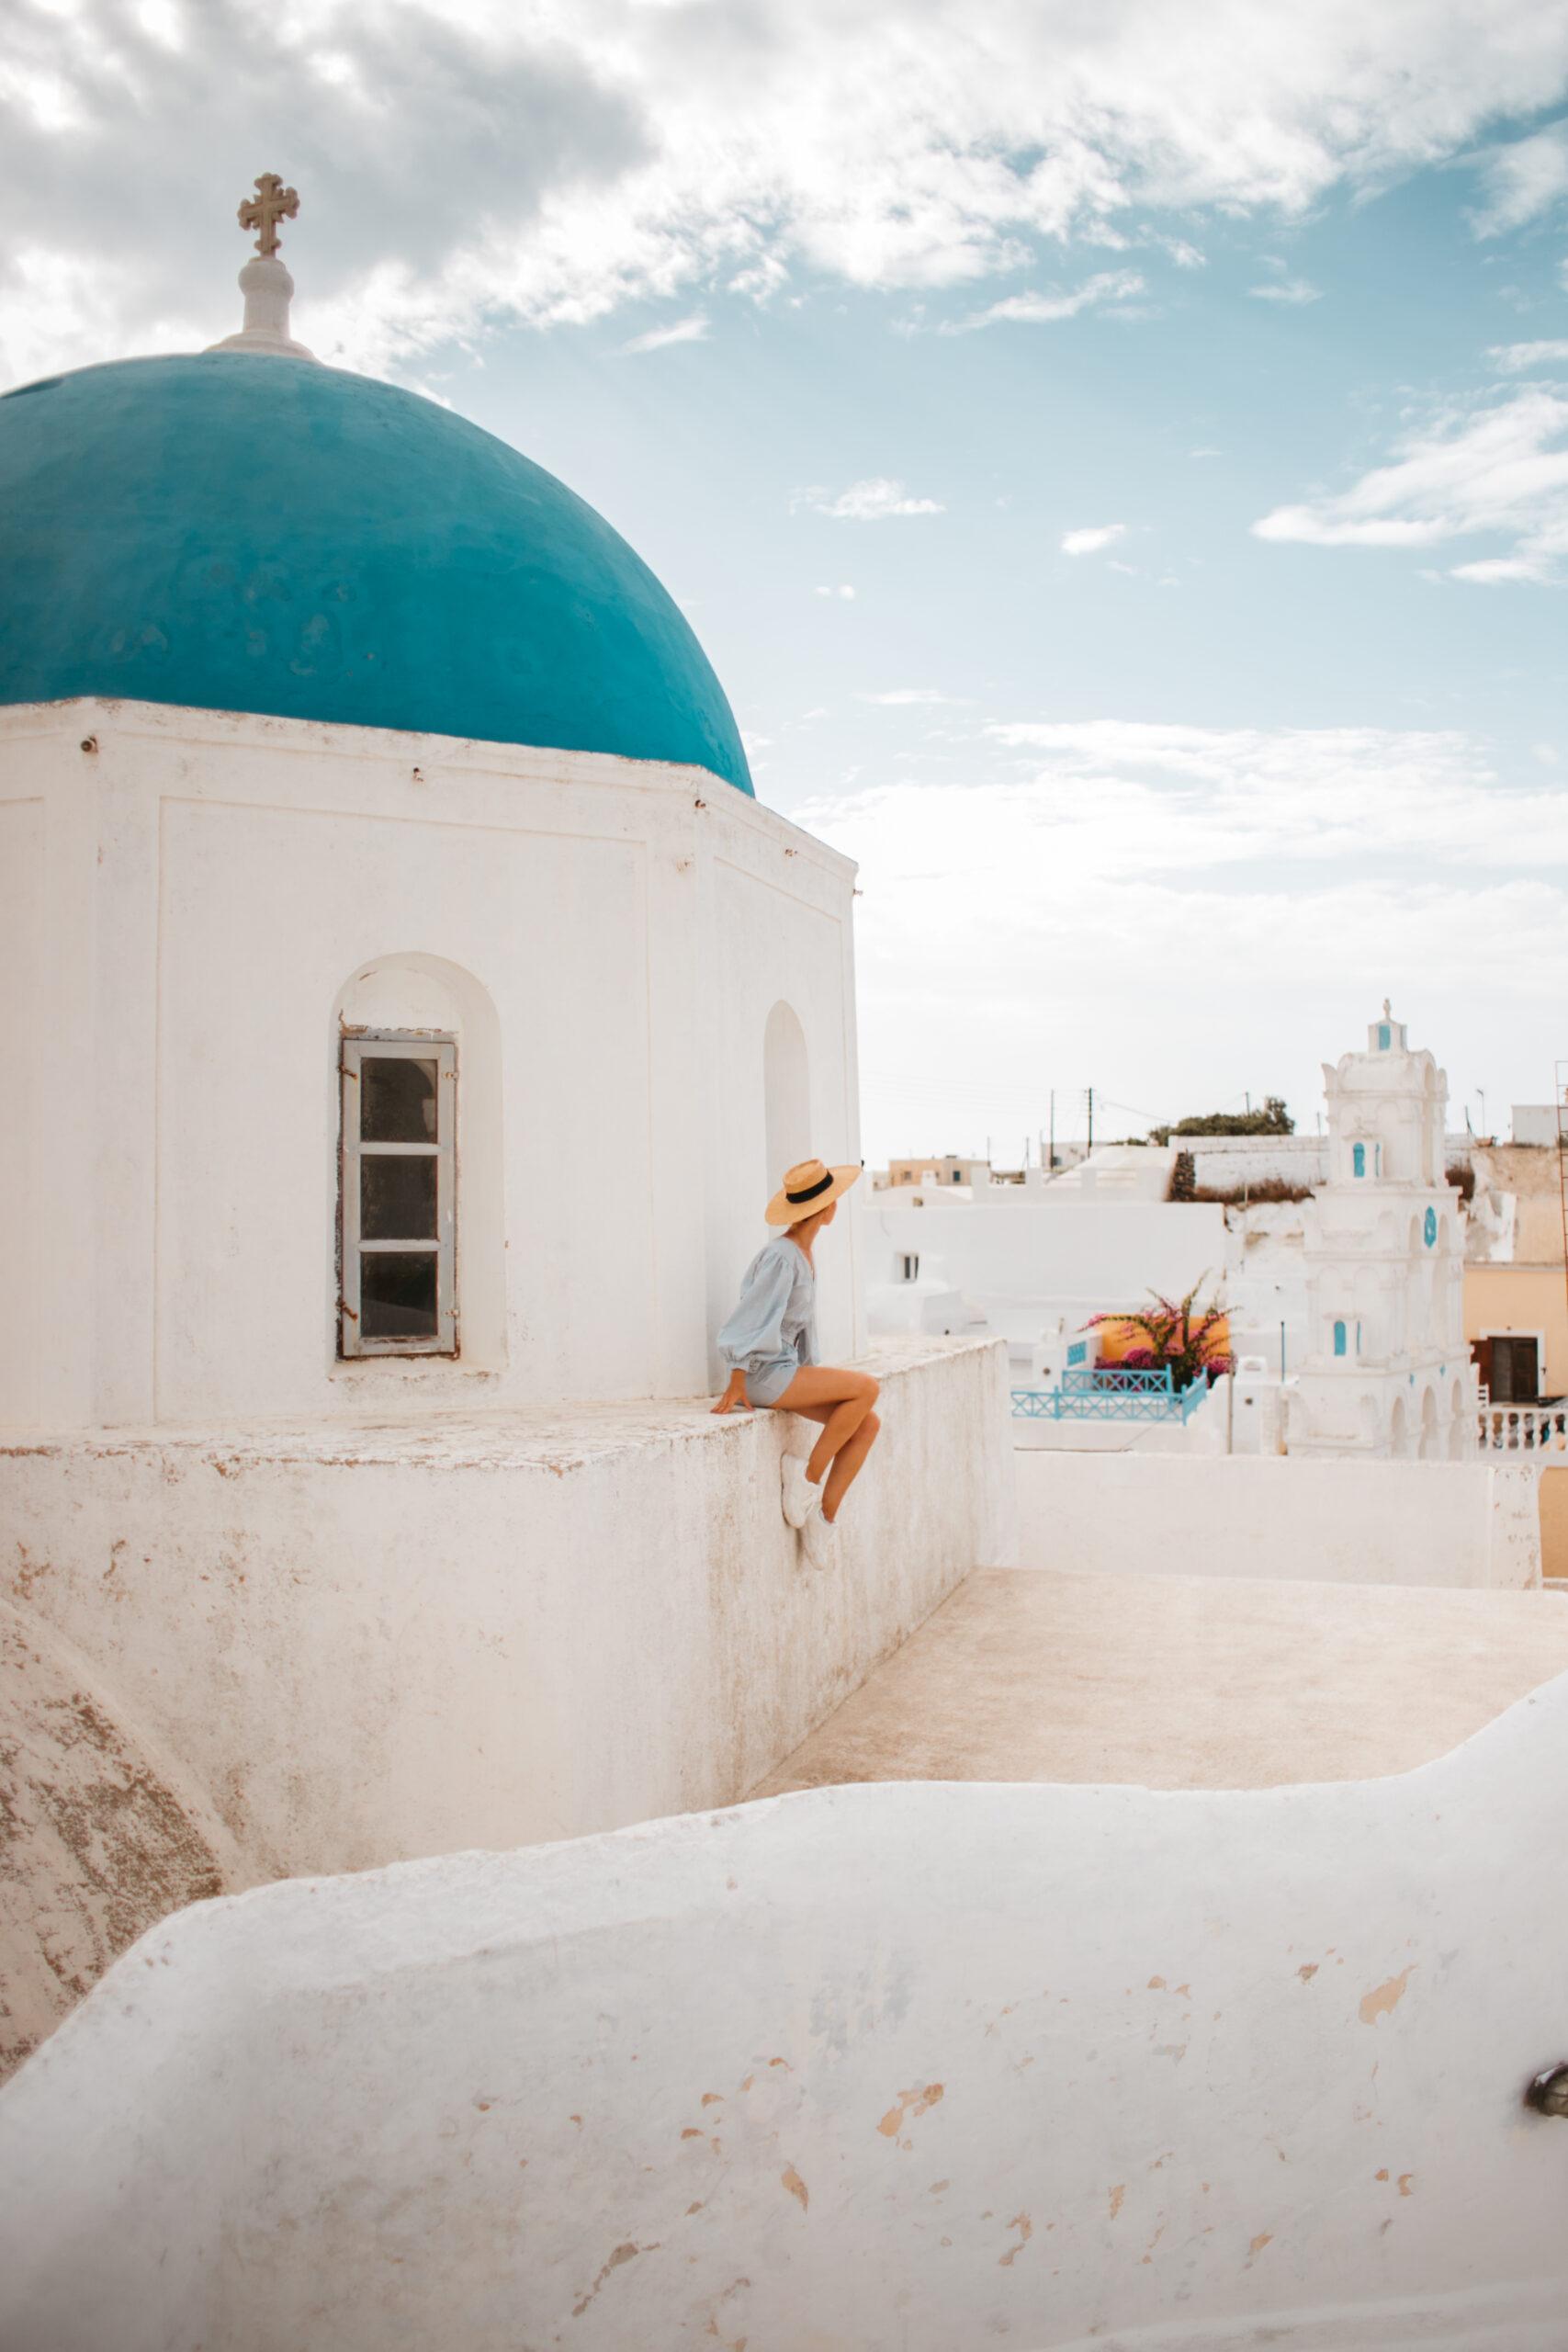 Santorini Megalochori blue dome, Grecja blog podrozniczy, atrakcje Santorini co zobaczyć